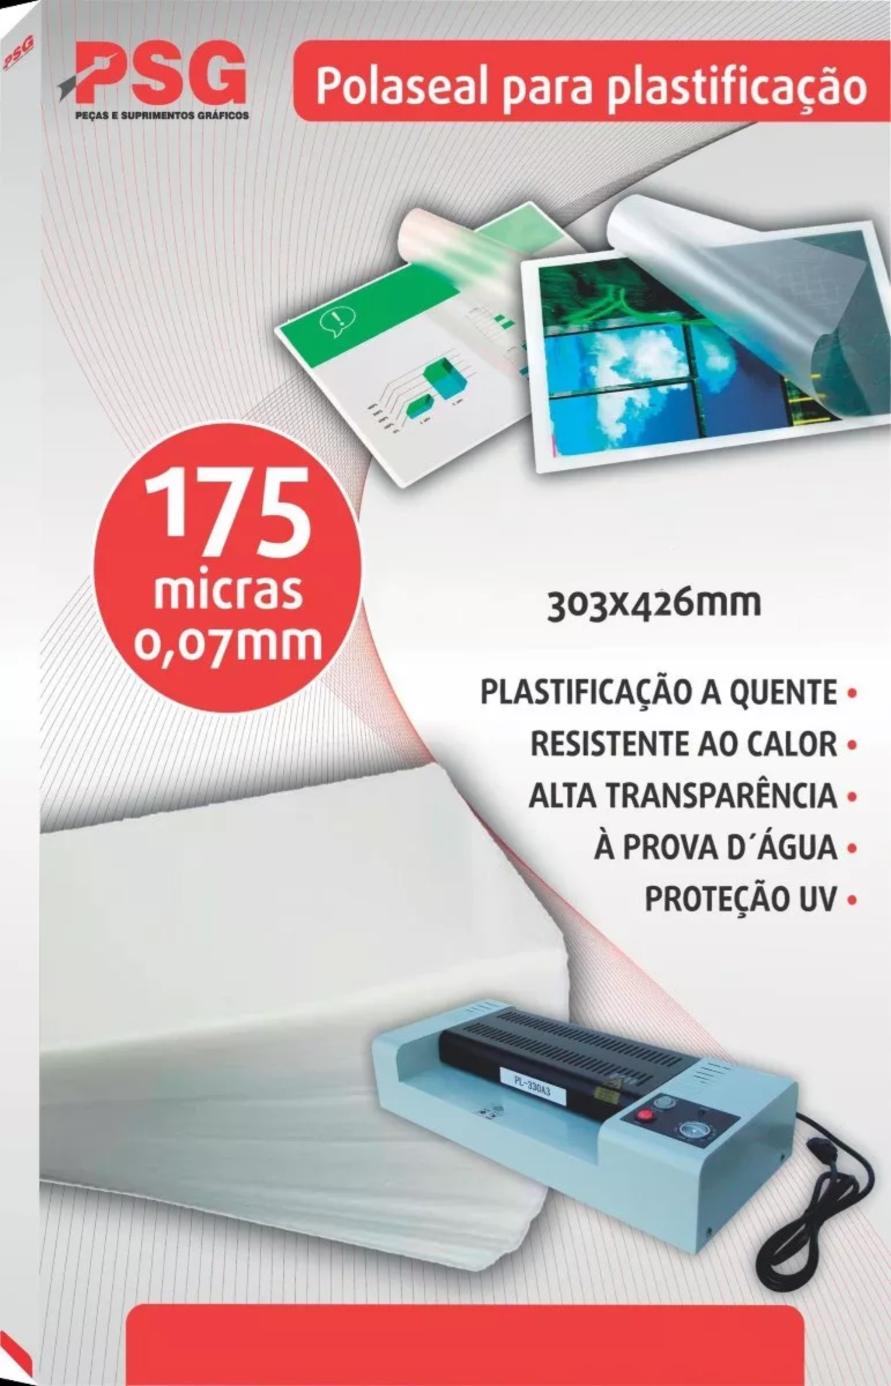 http://www.psgsuprimentos.com.br/view/_upload/produto/111/1562154739polasel-007.png